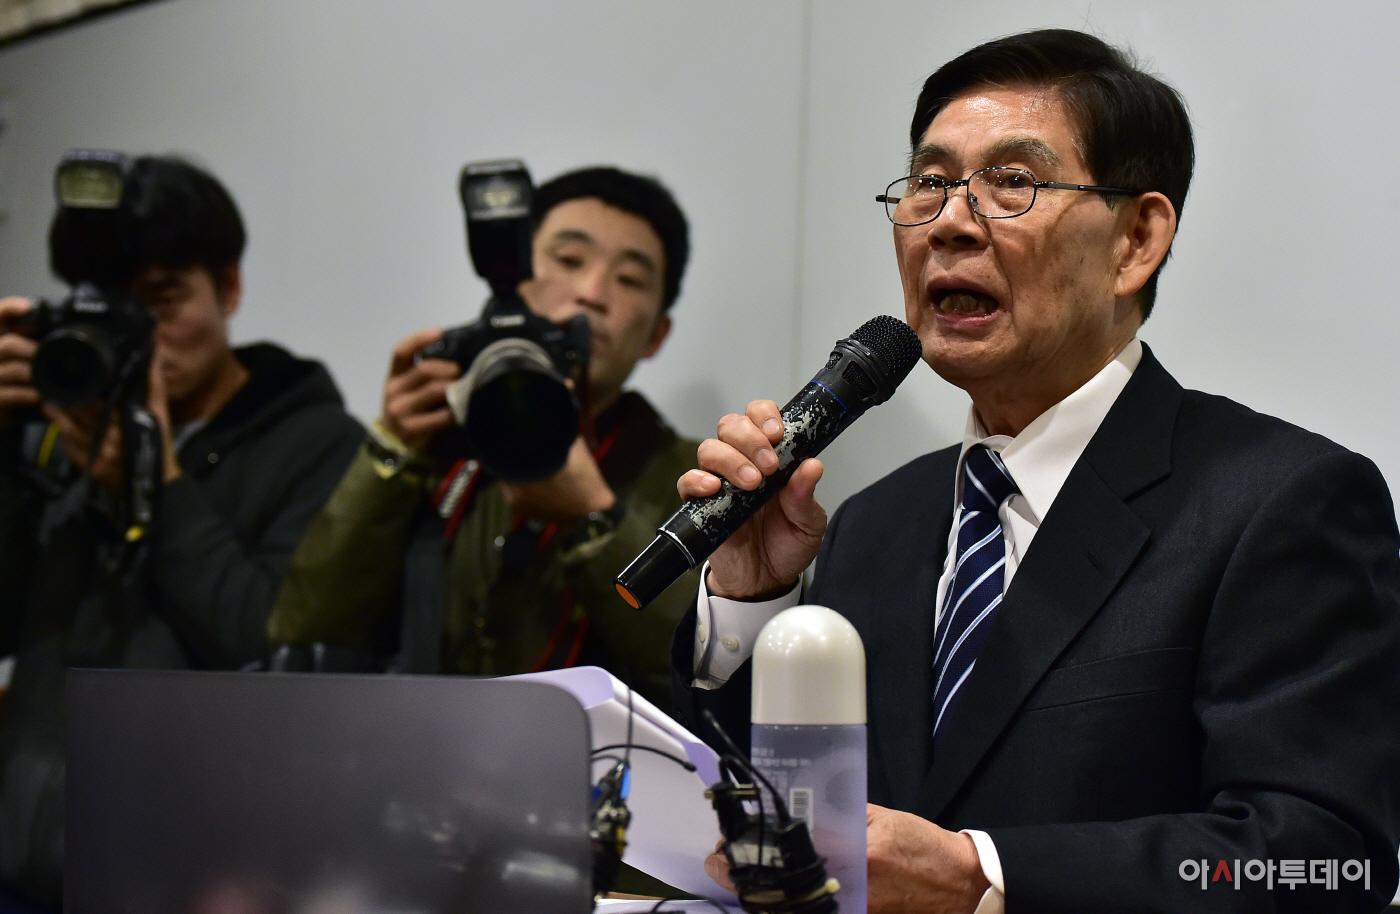 [포토] 정호영 전 BBK 특검 ``다스 120억 의혹 검찰 인계...검찰이 직무유기`